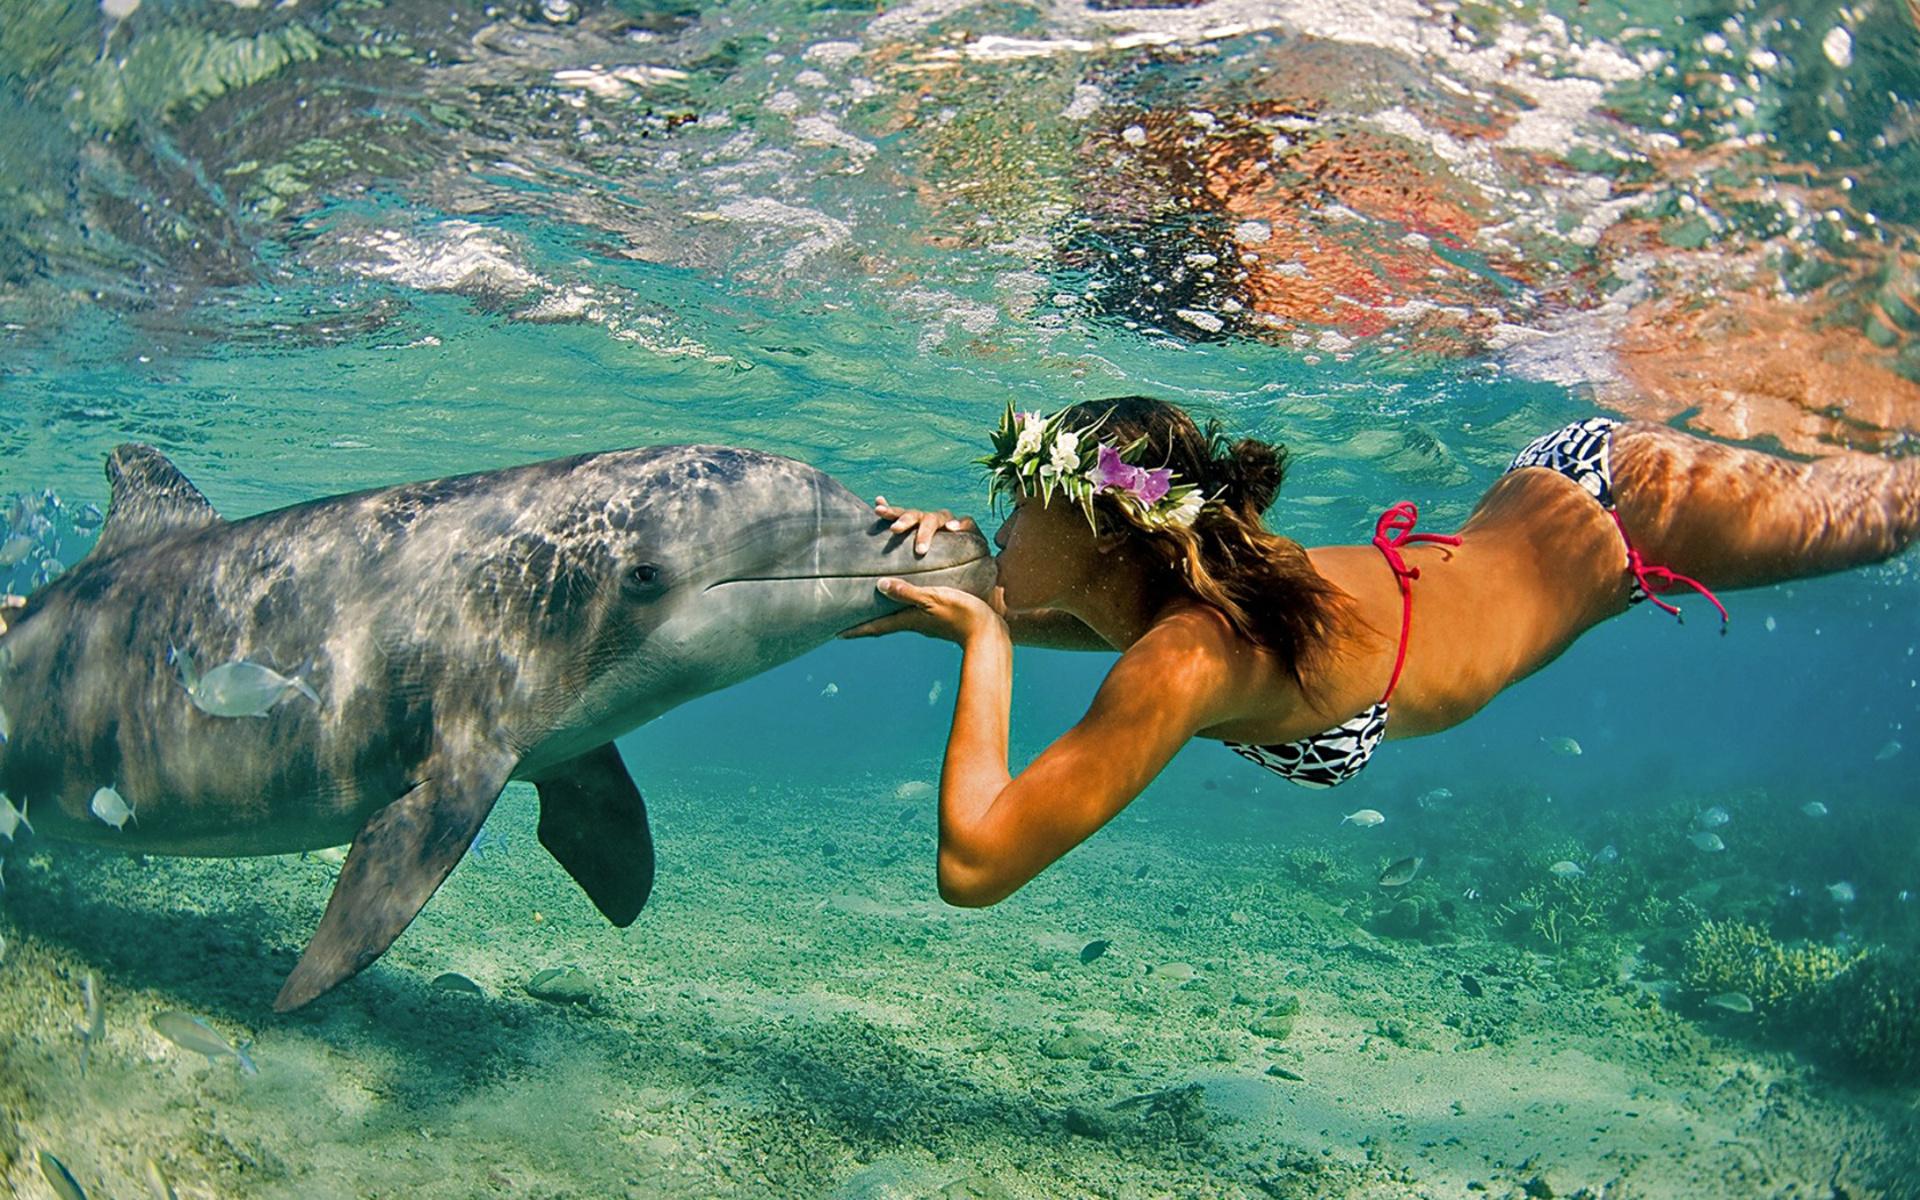 Beso de chica y delfin - 1920x1200